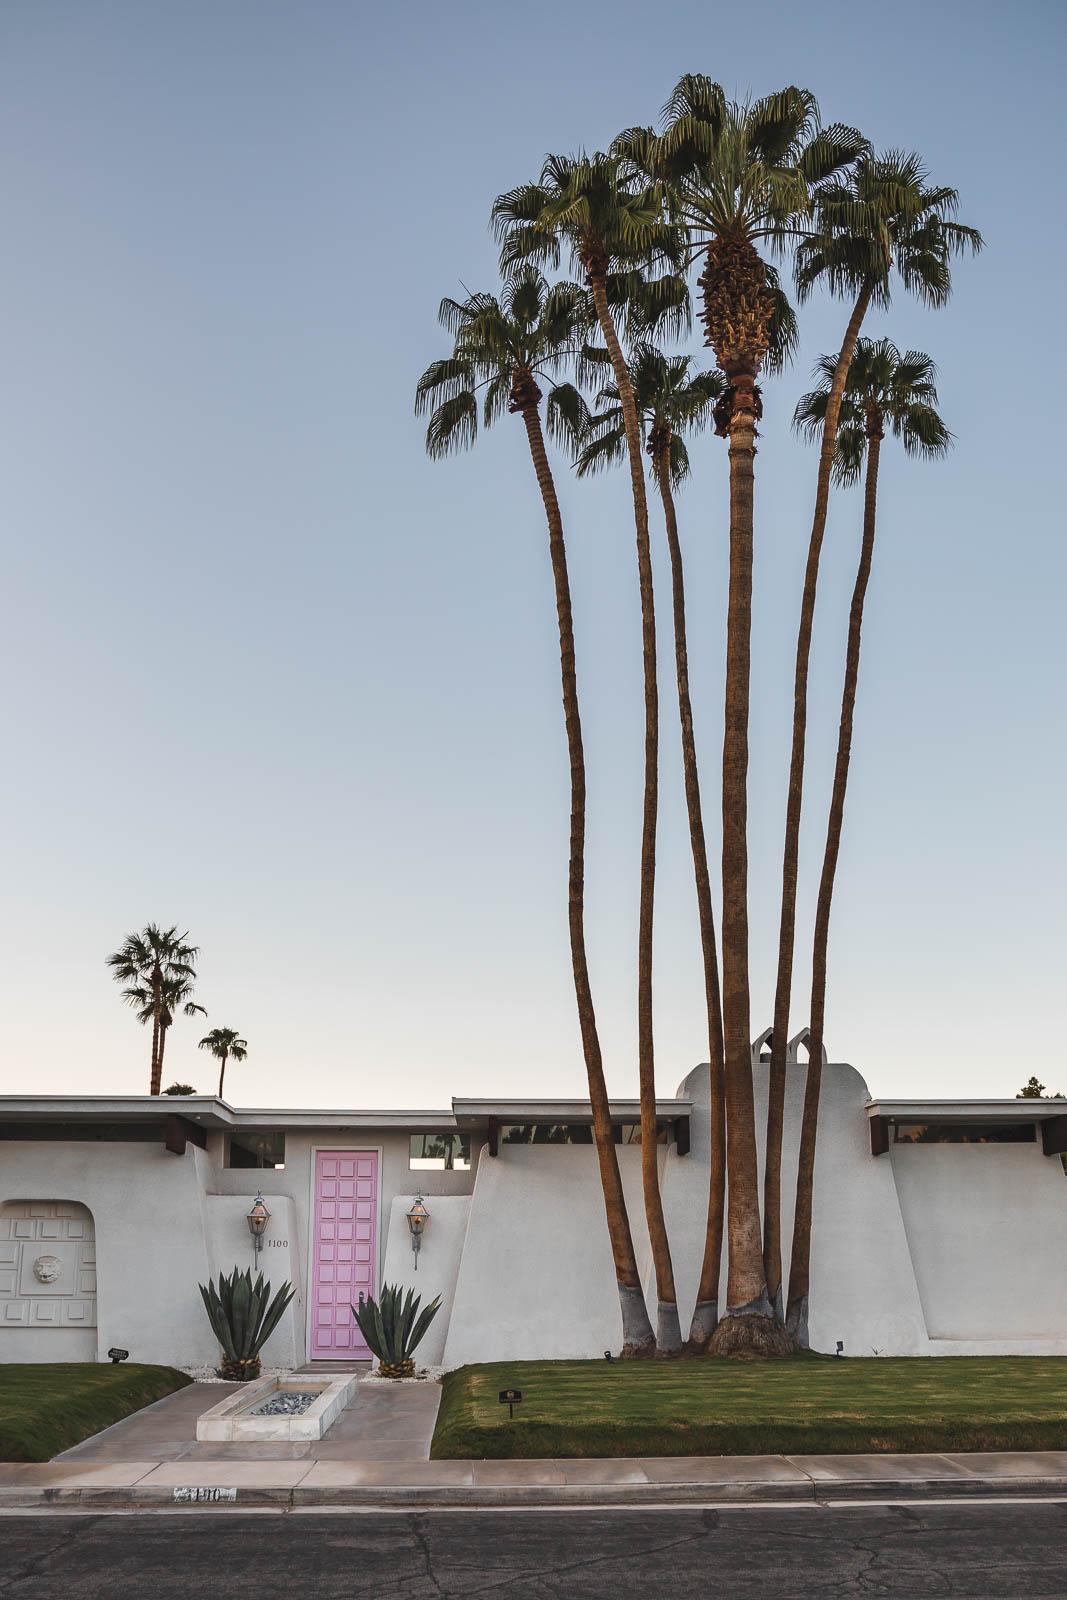 #thatpinkdoor, Pink Door, Door Tour of Palm Springs - Türen von Palm Springs